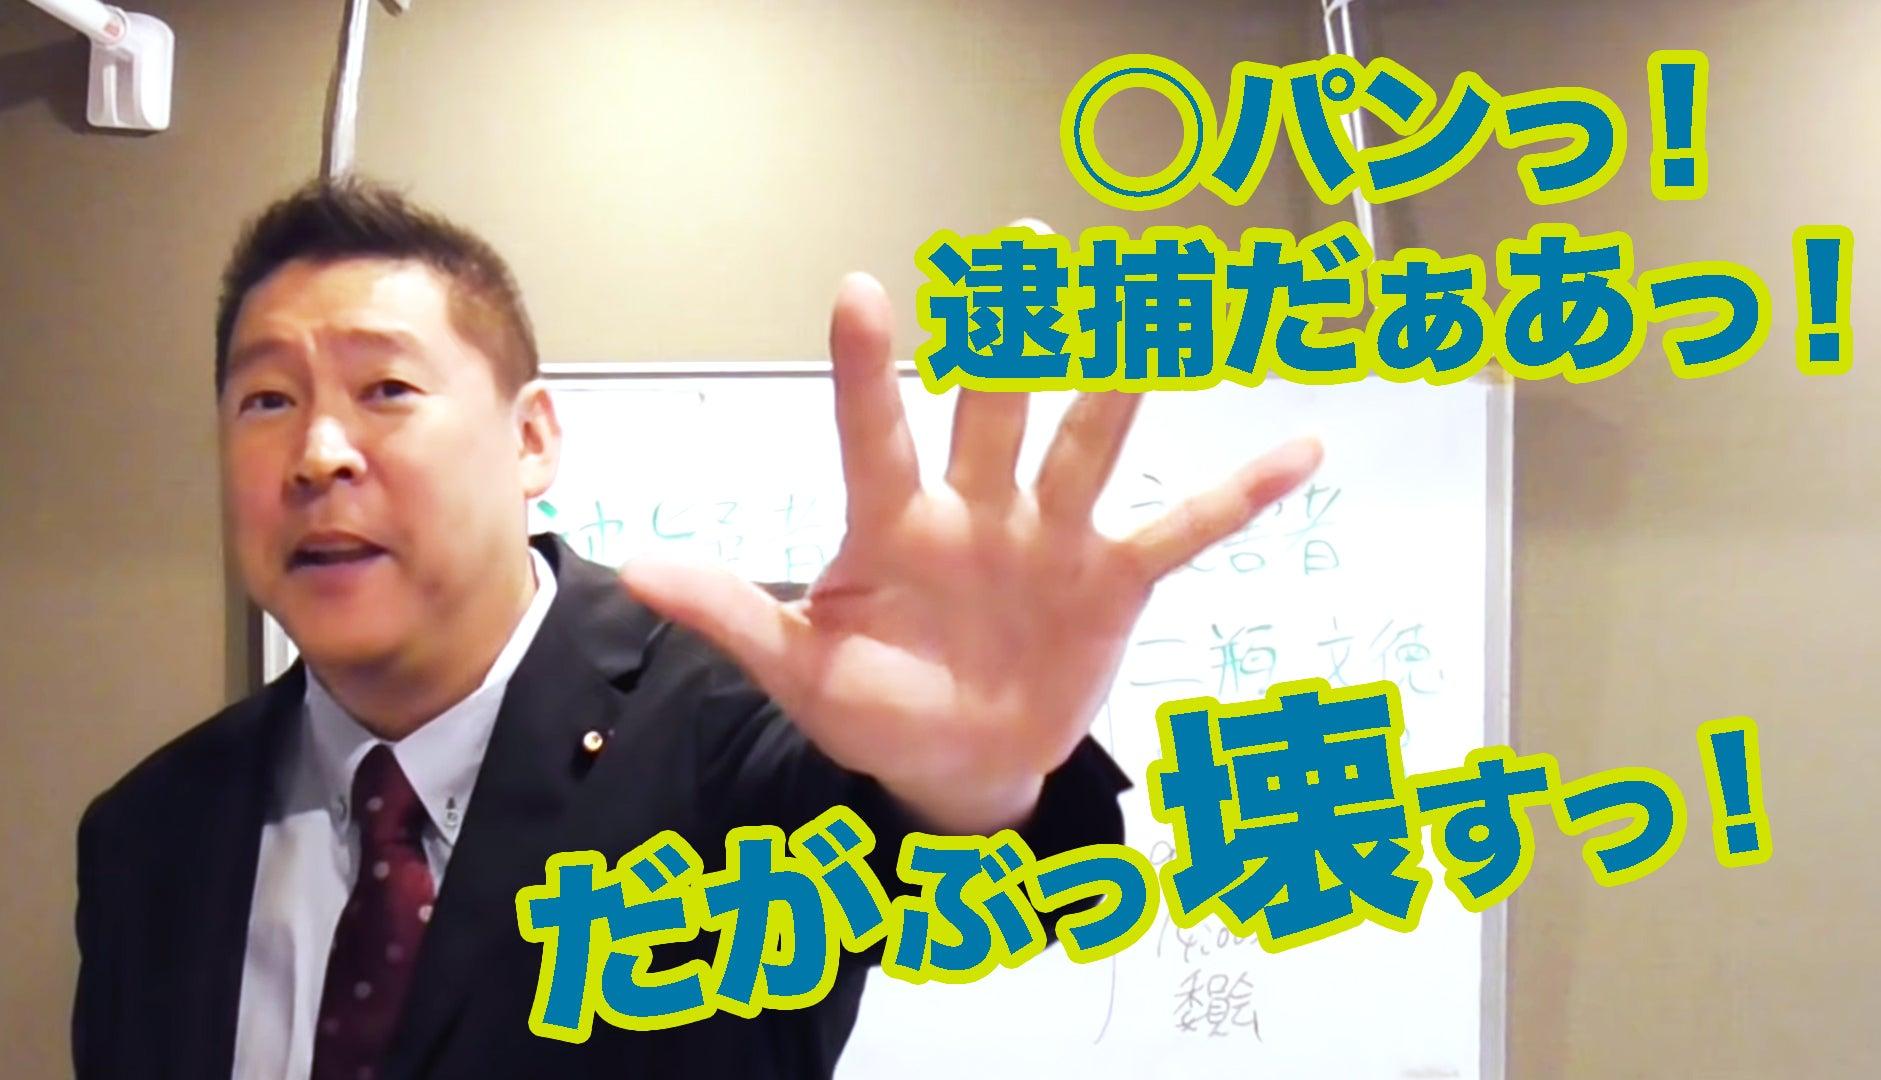 立花 孝志 逮捕 選挙妨害をする男を現行犯逮捕しました。 大宮